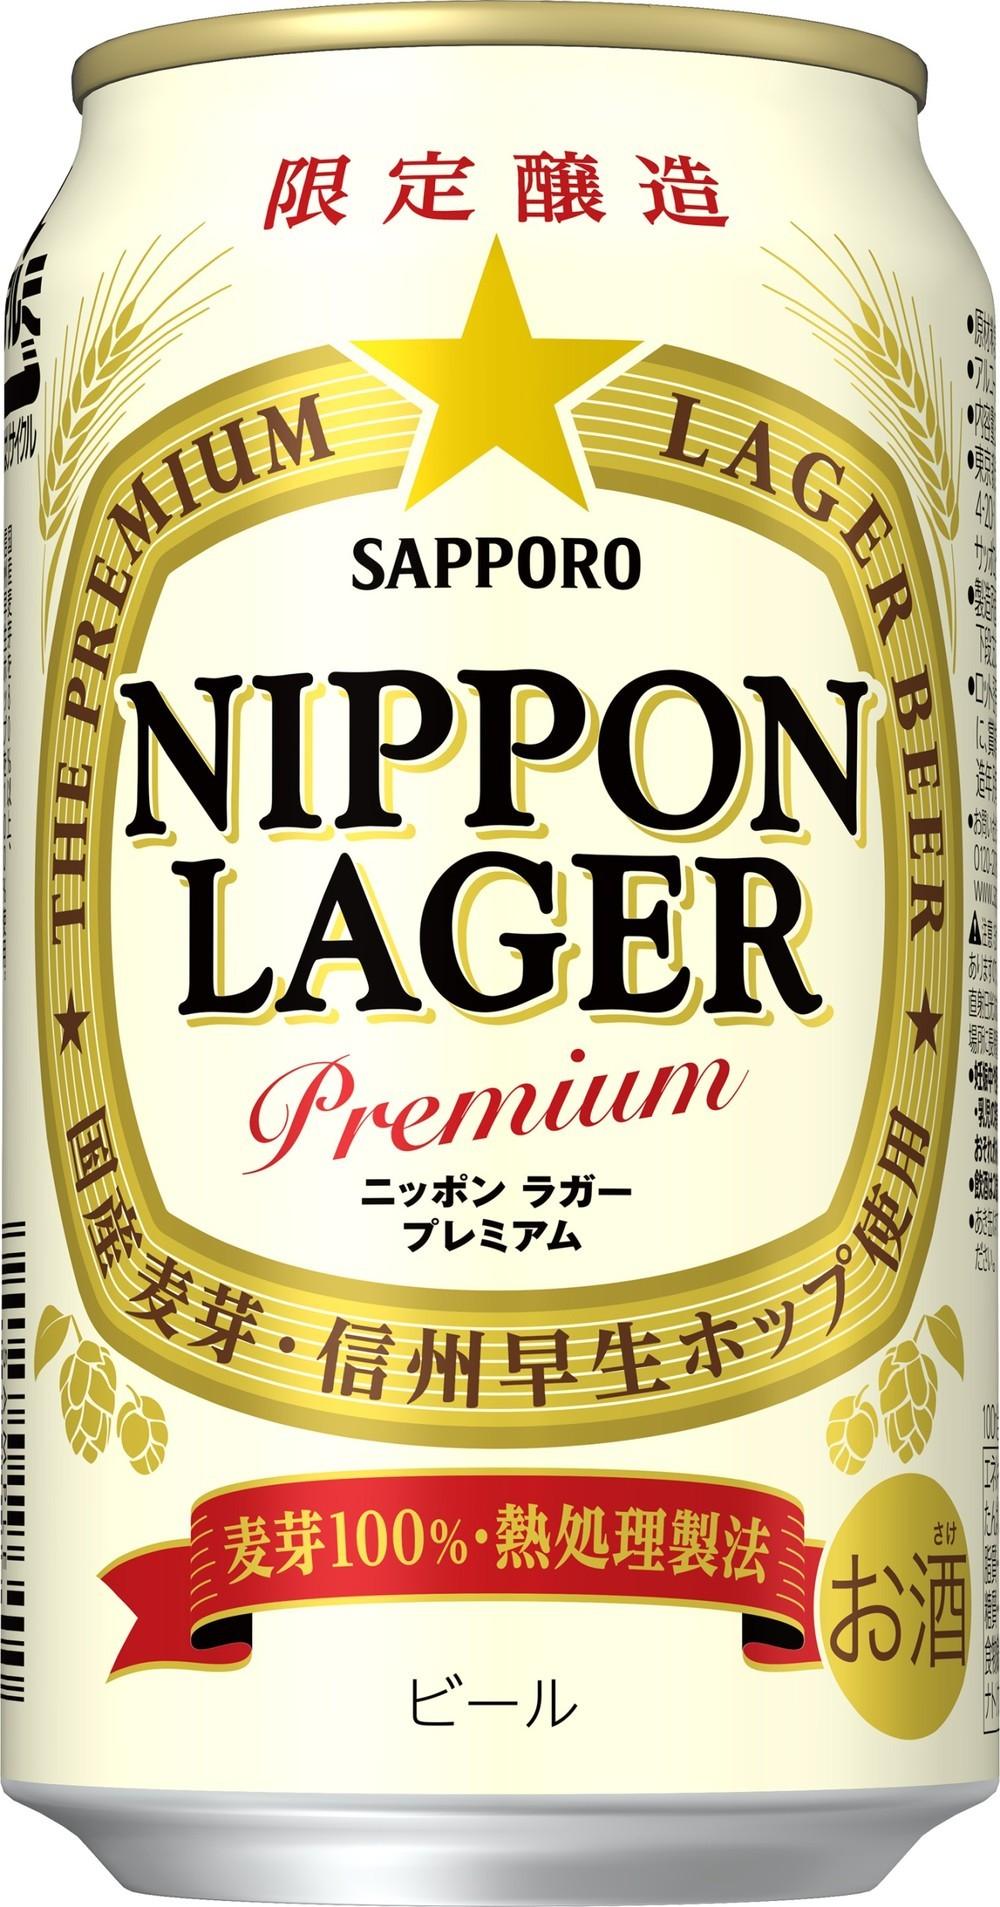 サッポロ、国産素材にこだわった「NIPPON LAGER Premium」を限定発売